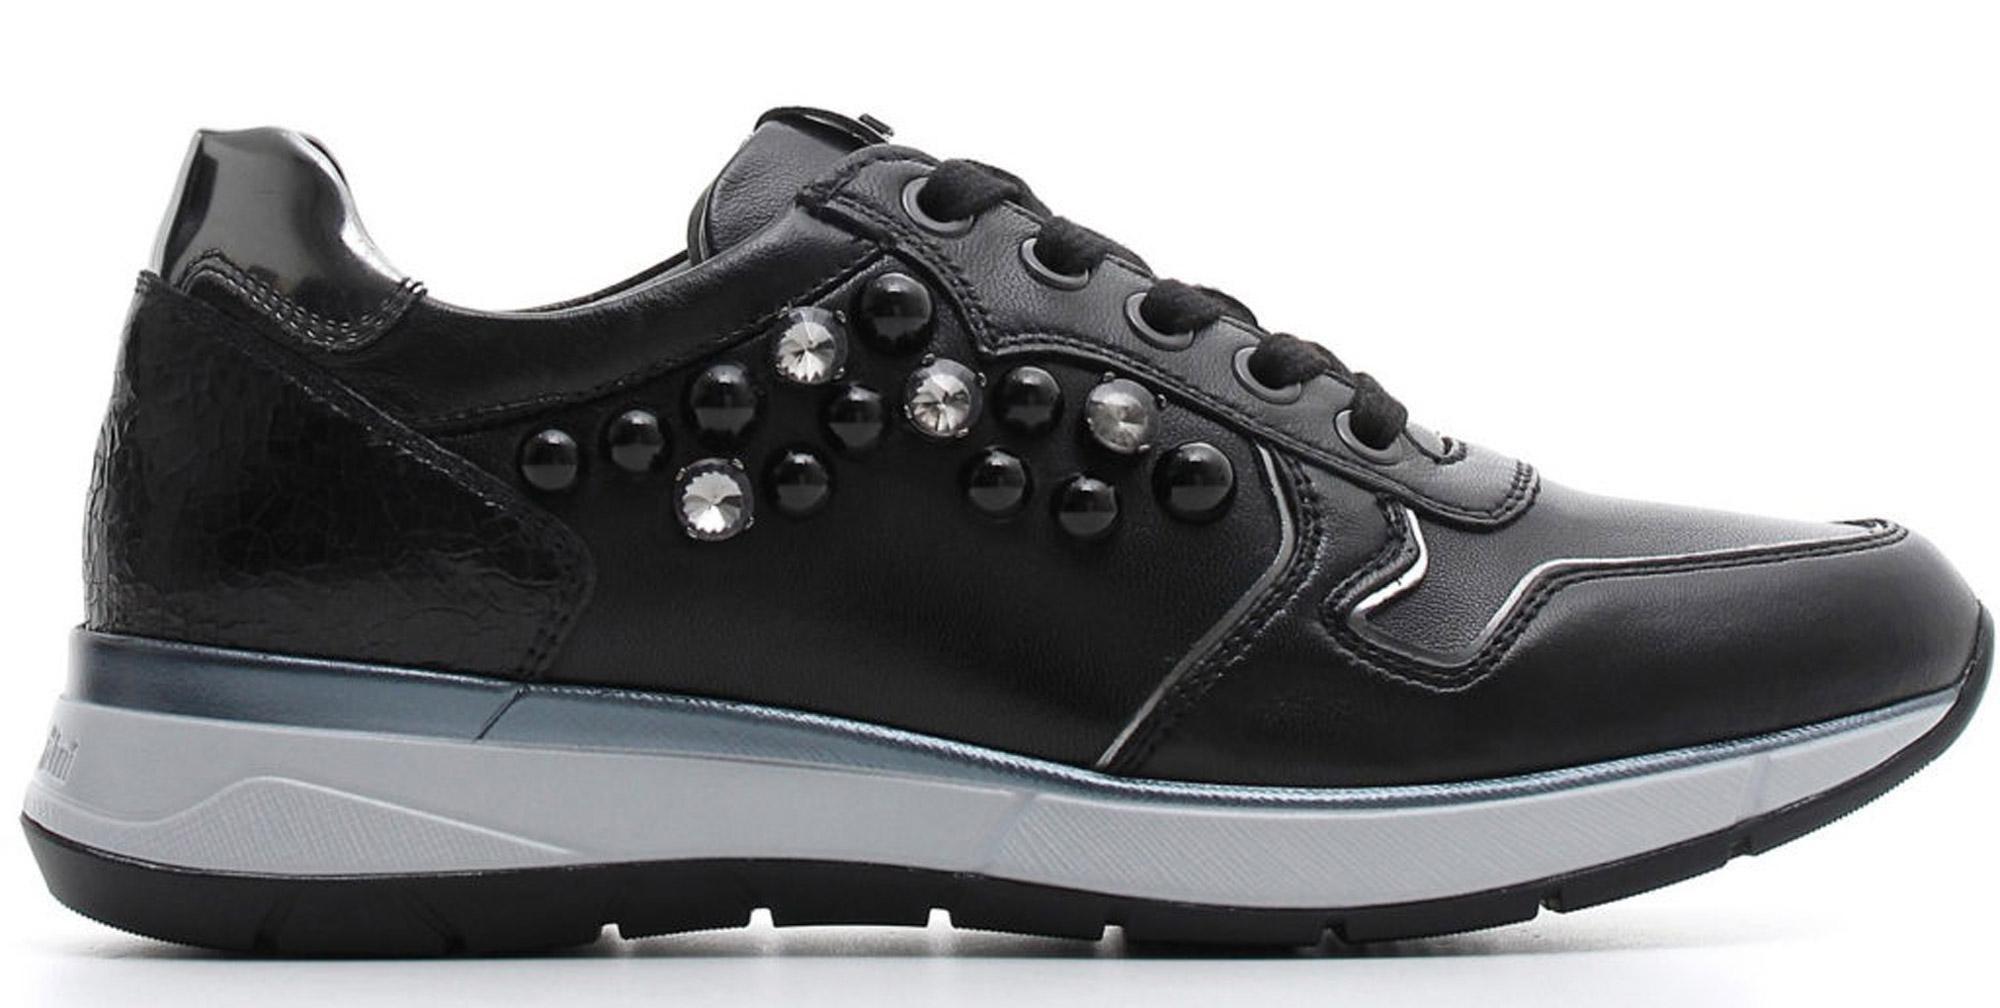 Sneaker NeroGiardini A806580-100 6580 scarpe sportive nere donna con perle e  strass e29a1becb5c